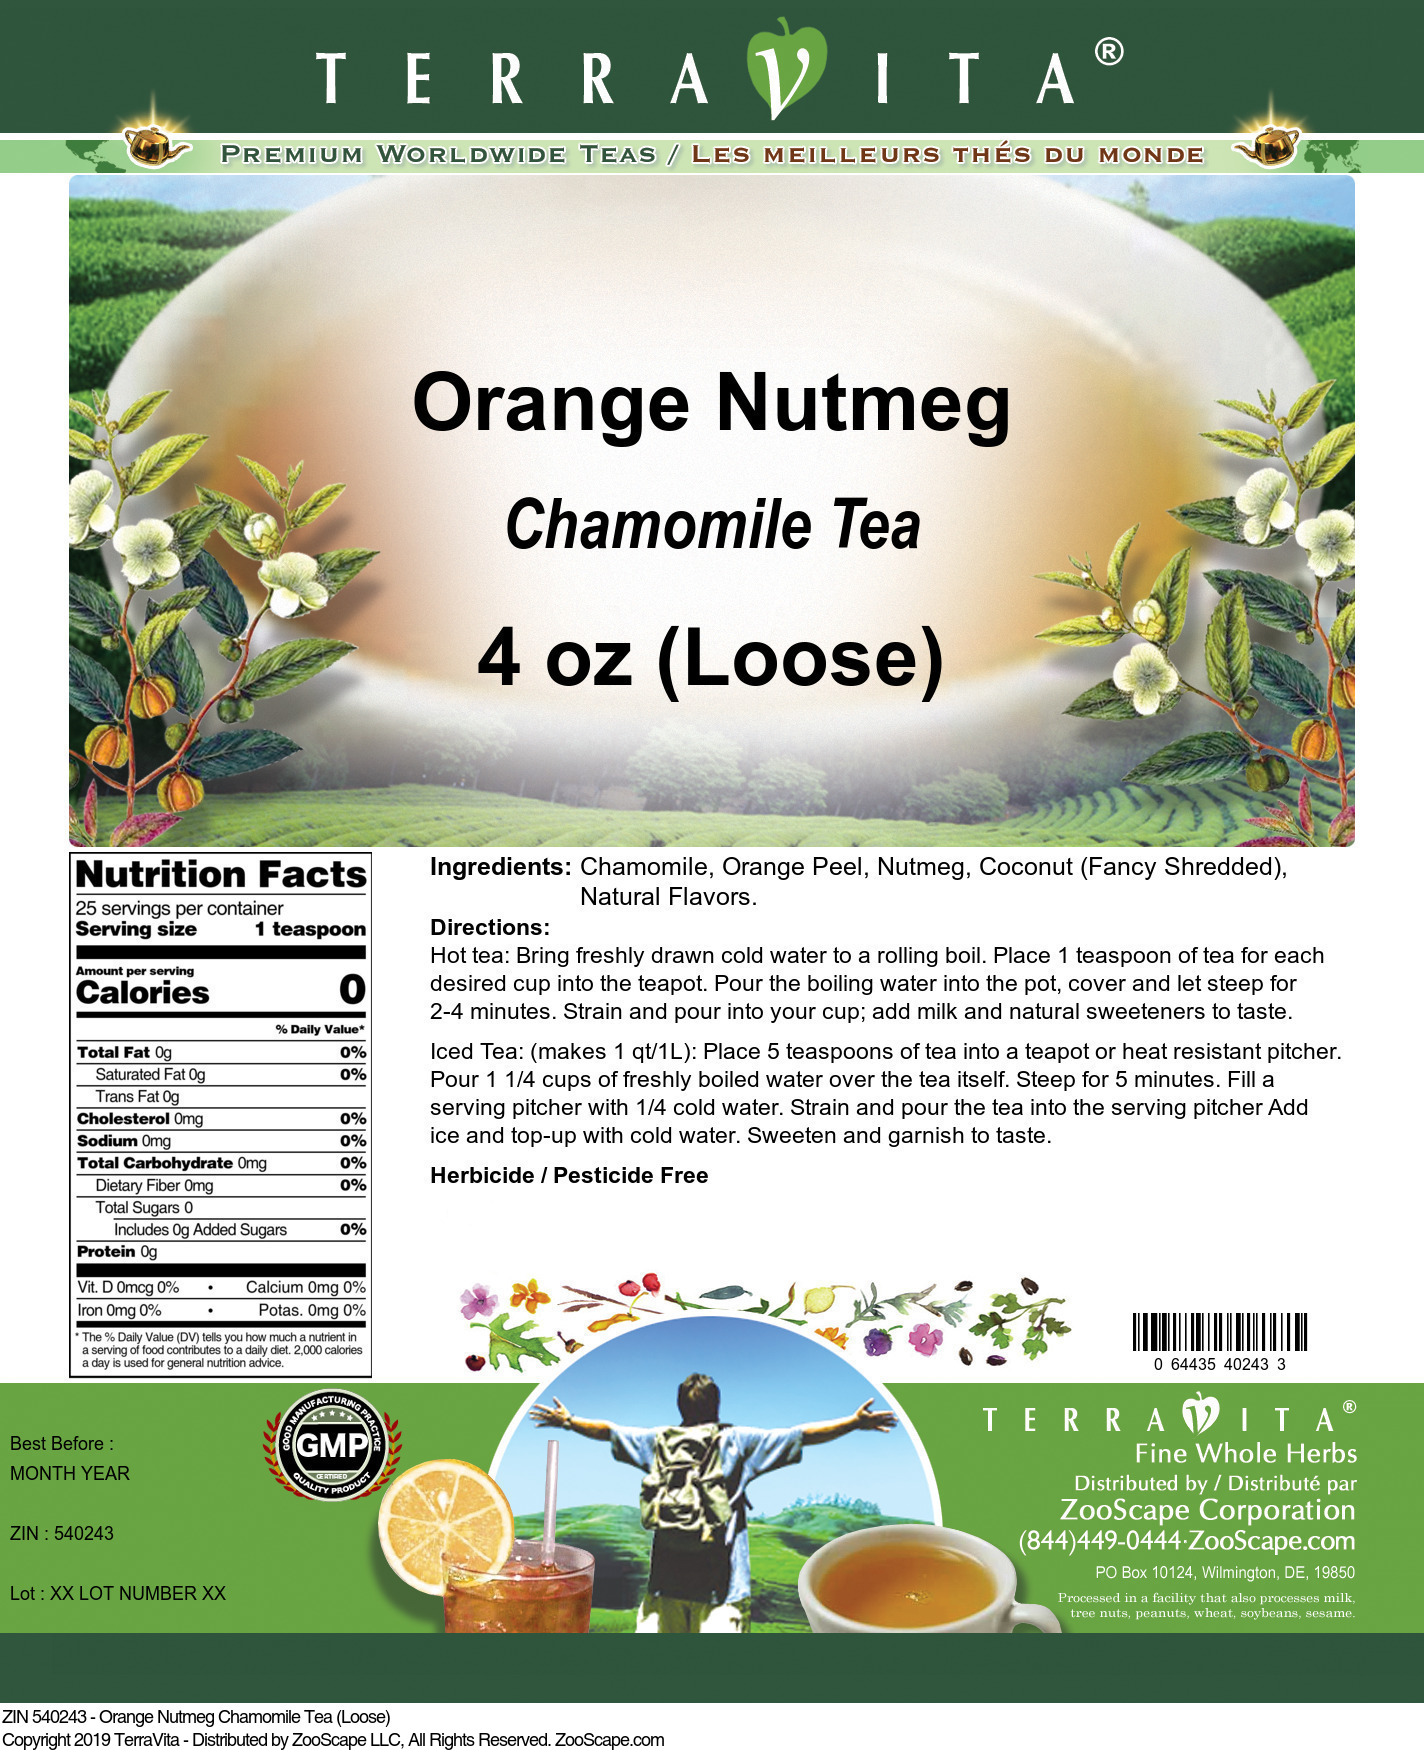 Orange Nutmeg Chamomile Tea (Loose)